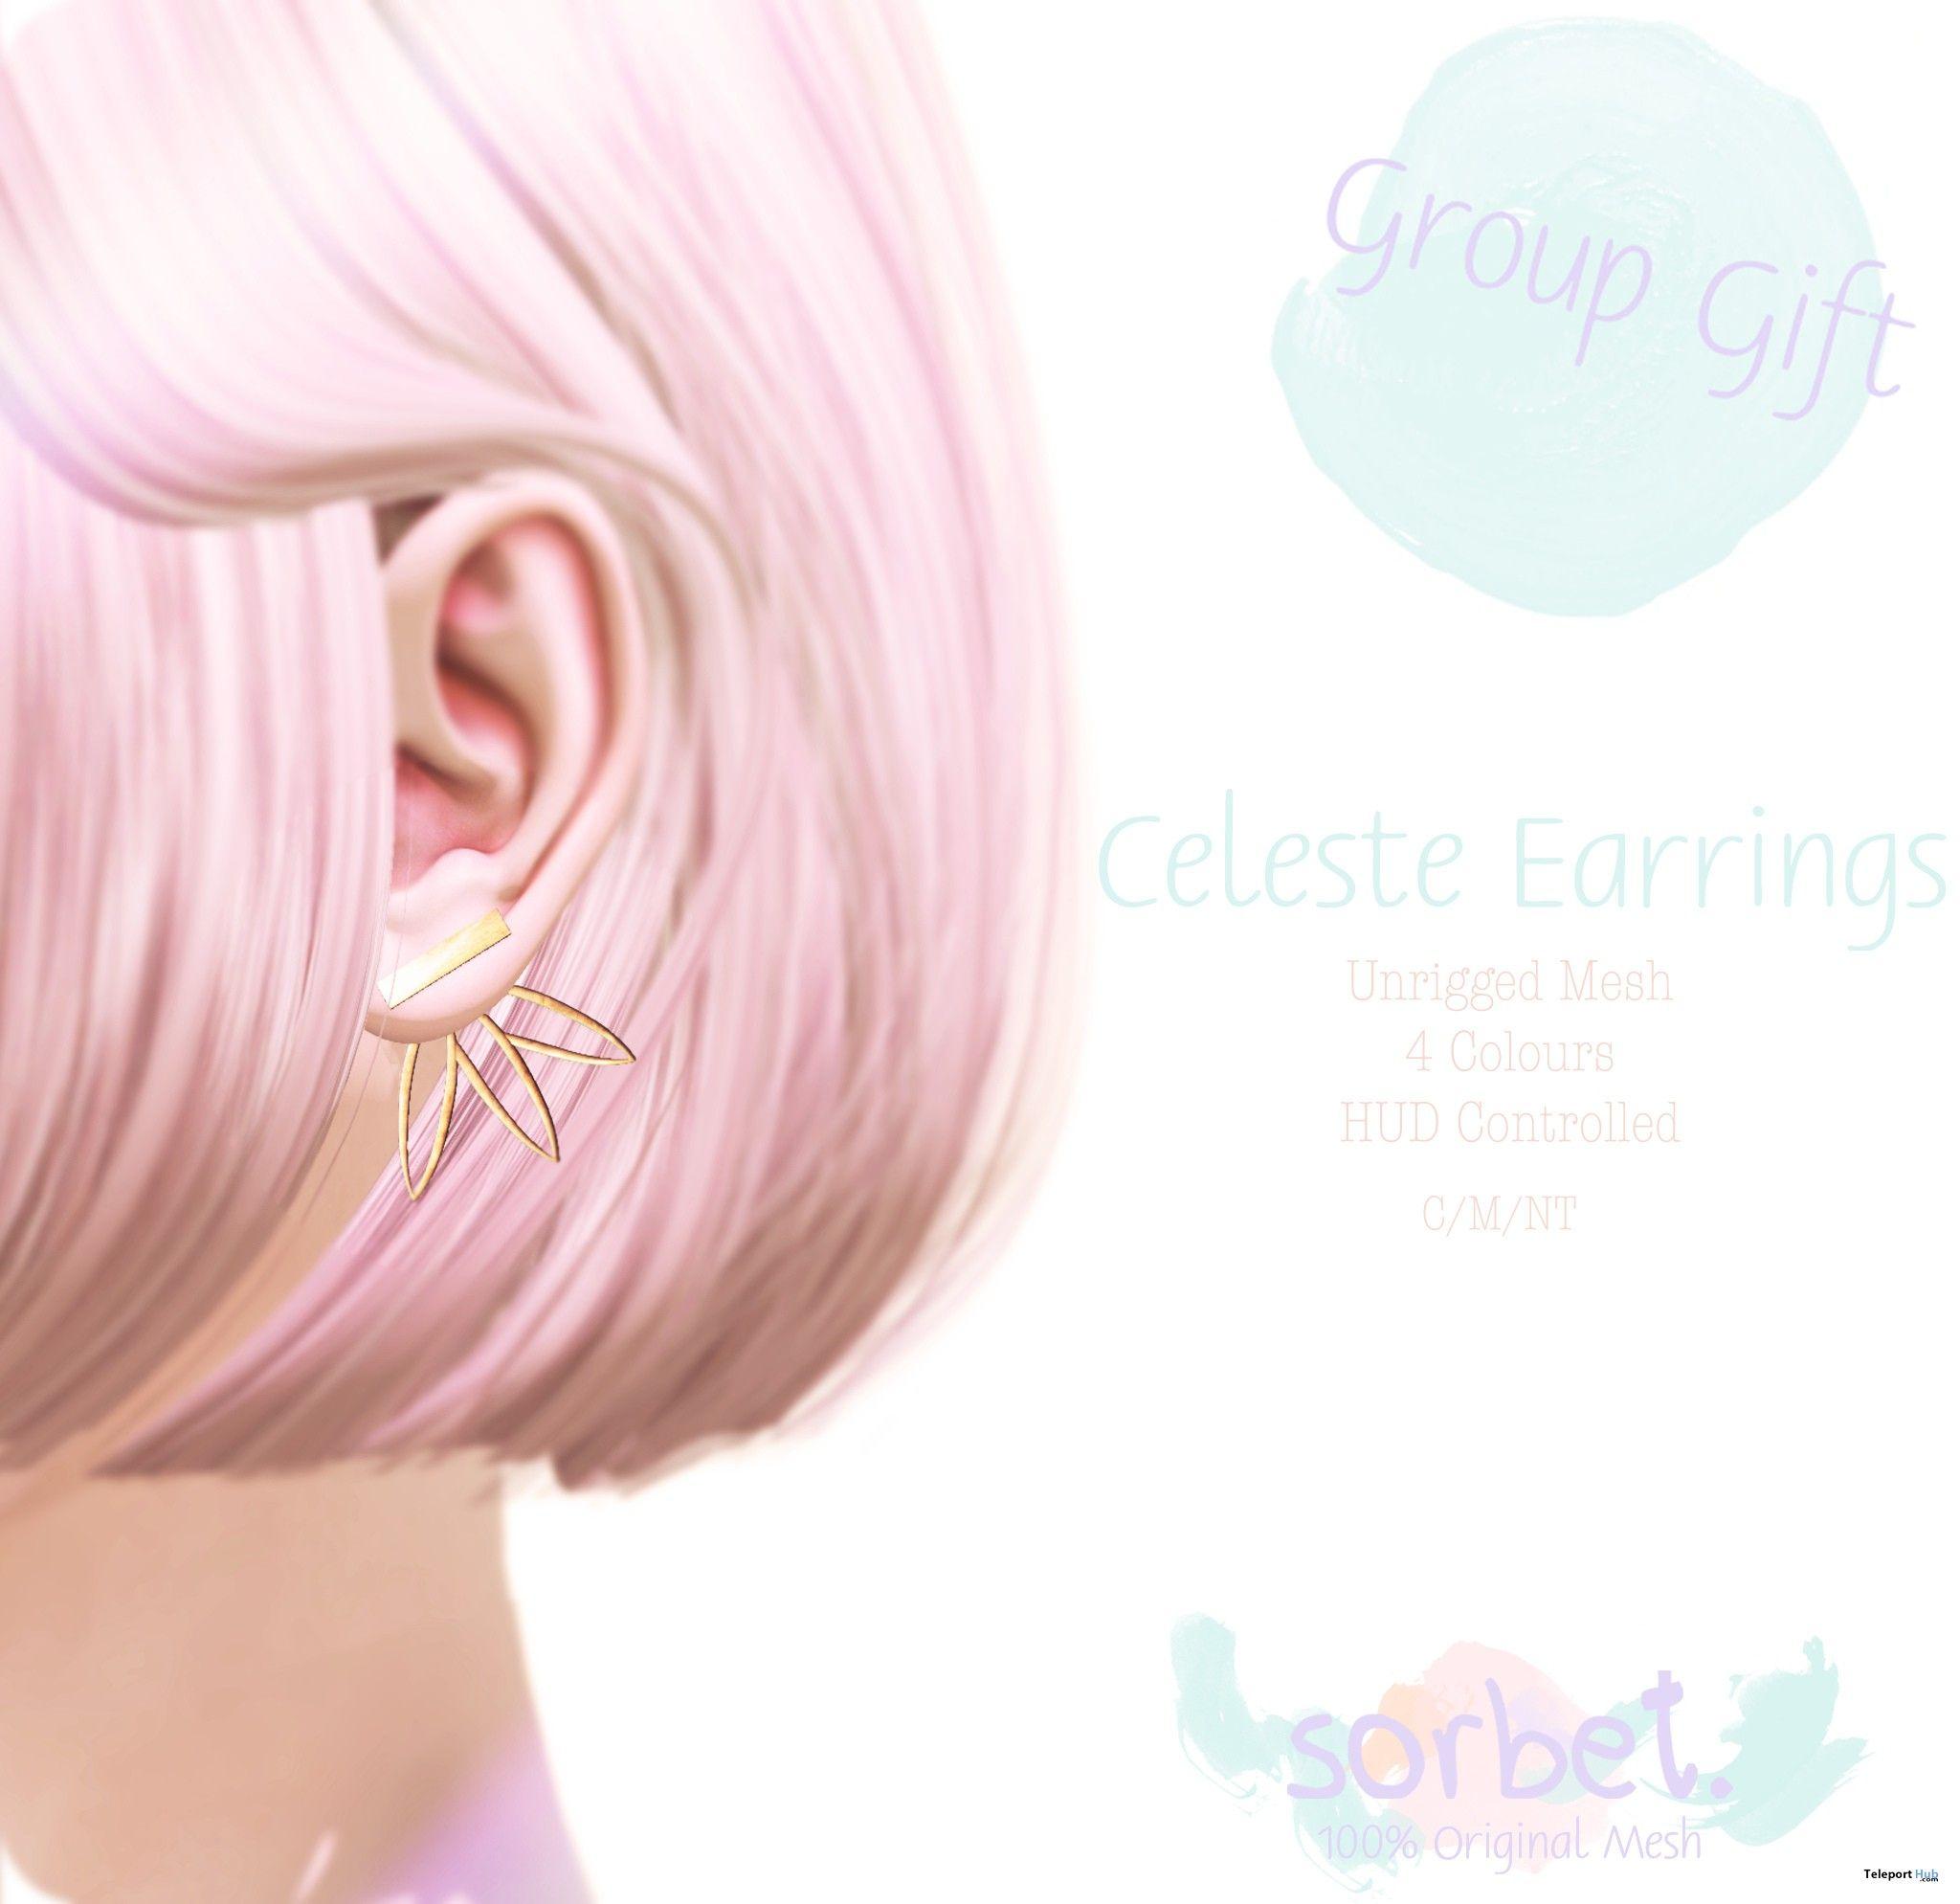 Celeste Earrings Group Gift by Sorbet